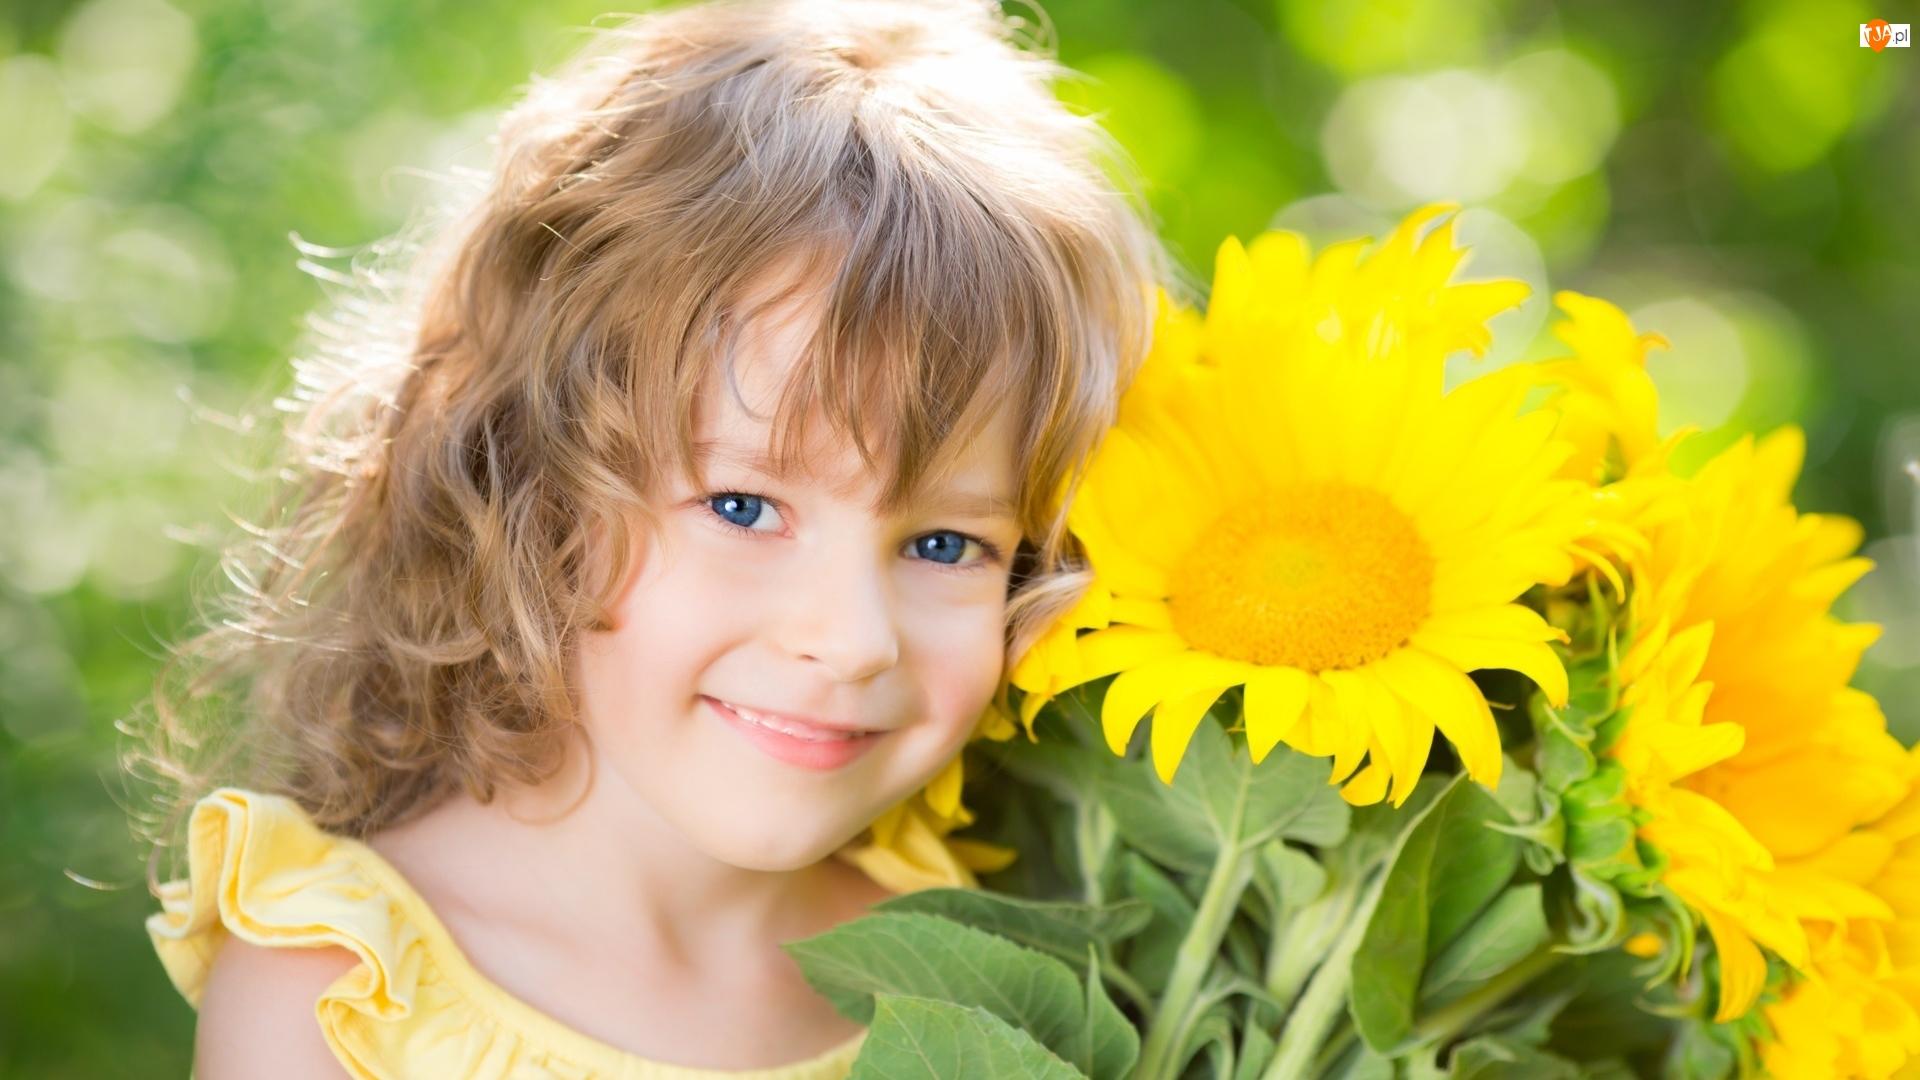 Niebieskie, Dziewczynka, Jasne, Słoneczniki, Oczy, Włosy